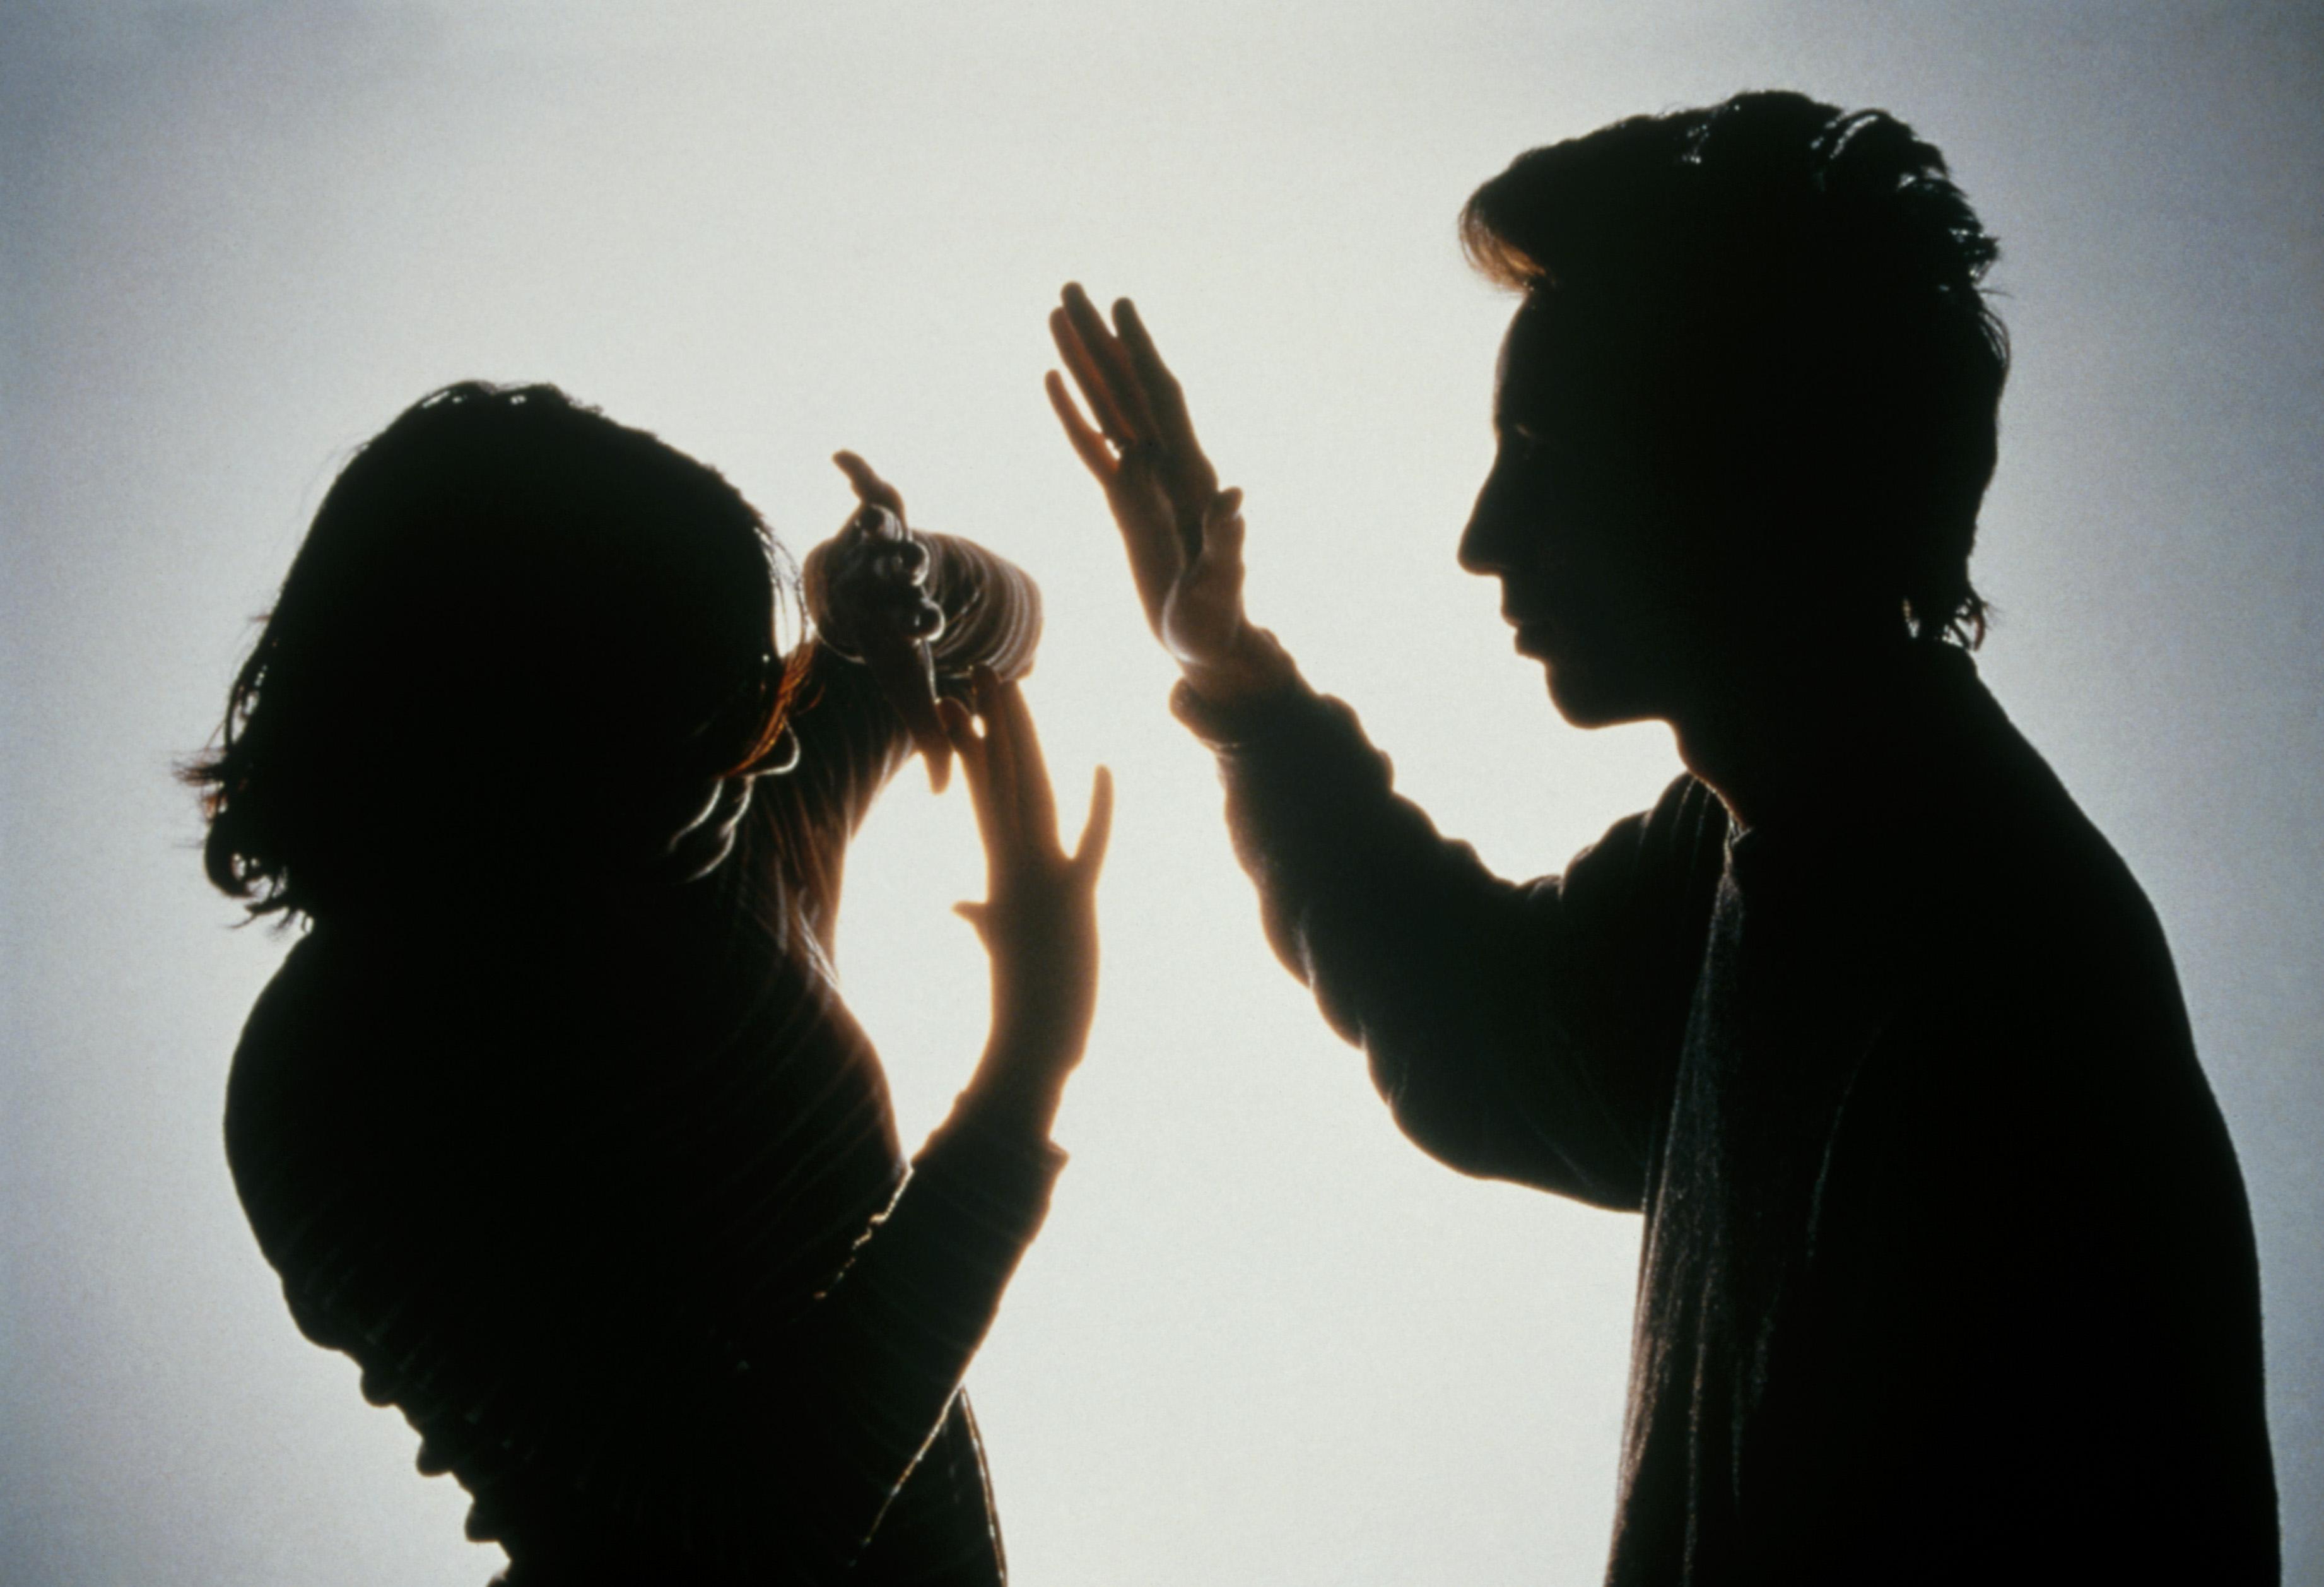 Begini cara Islam menyikapi istri tak patuh suami, bukan dengan KDRT